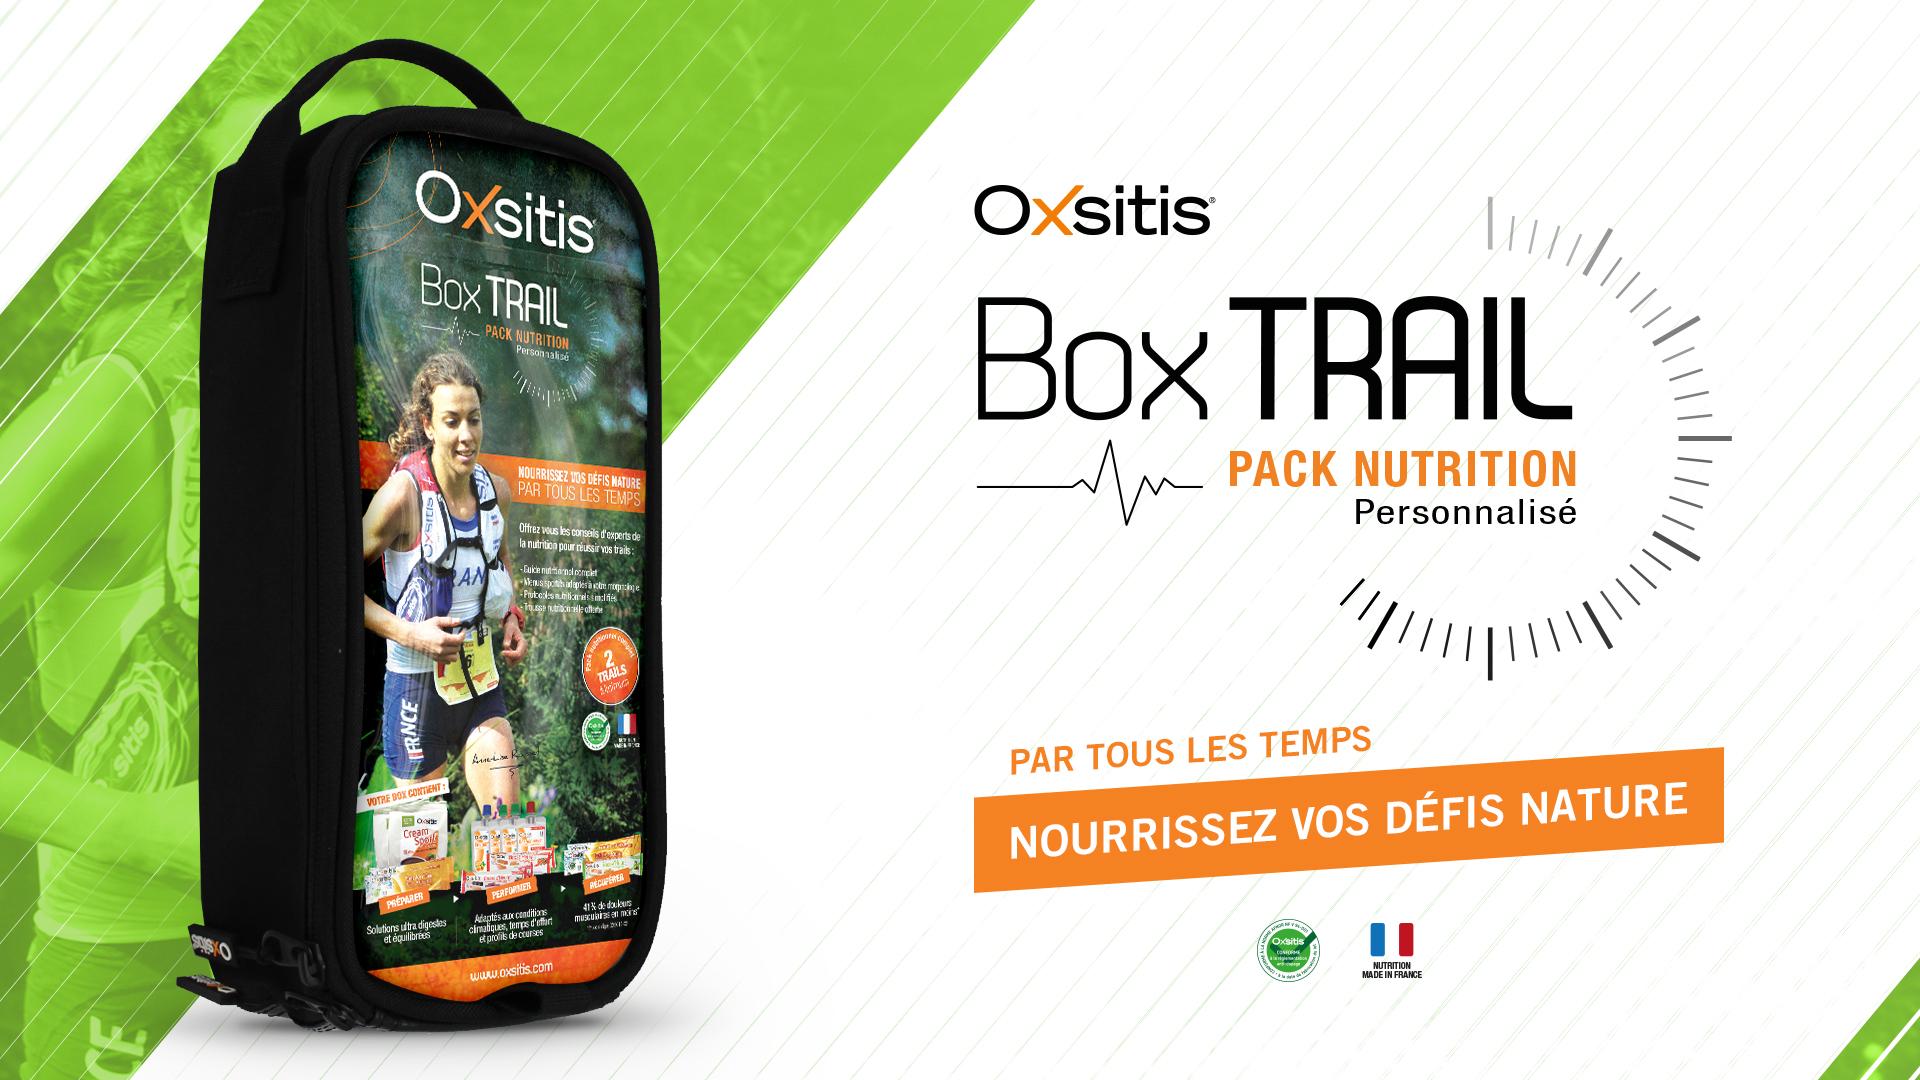 Box Trail Personnalisée Oxsitis